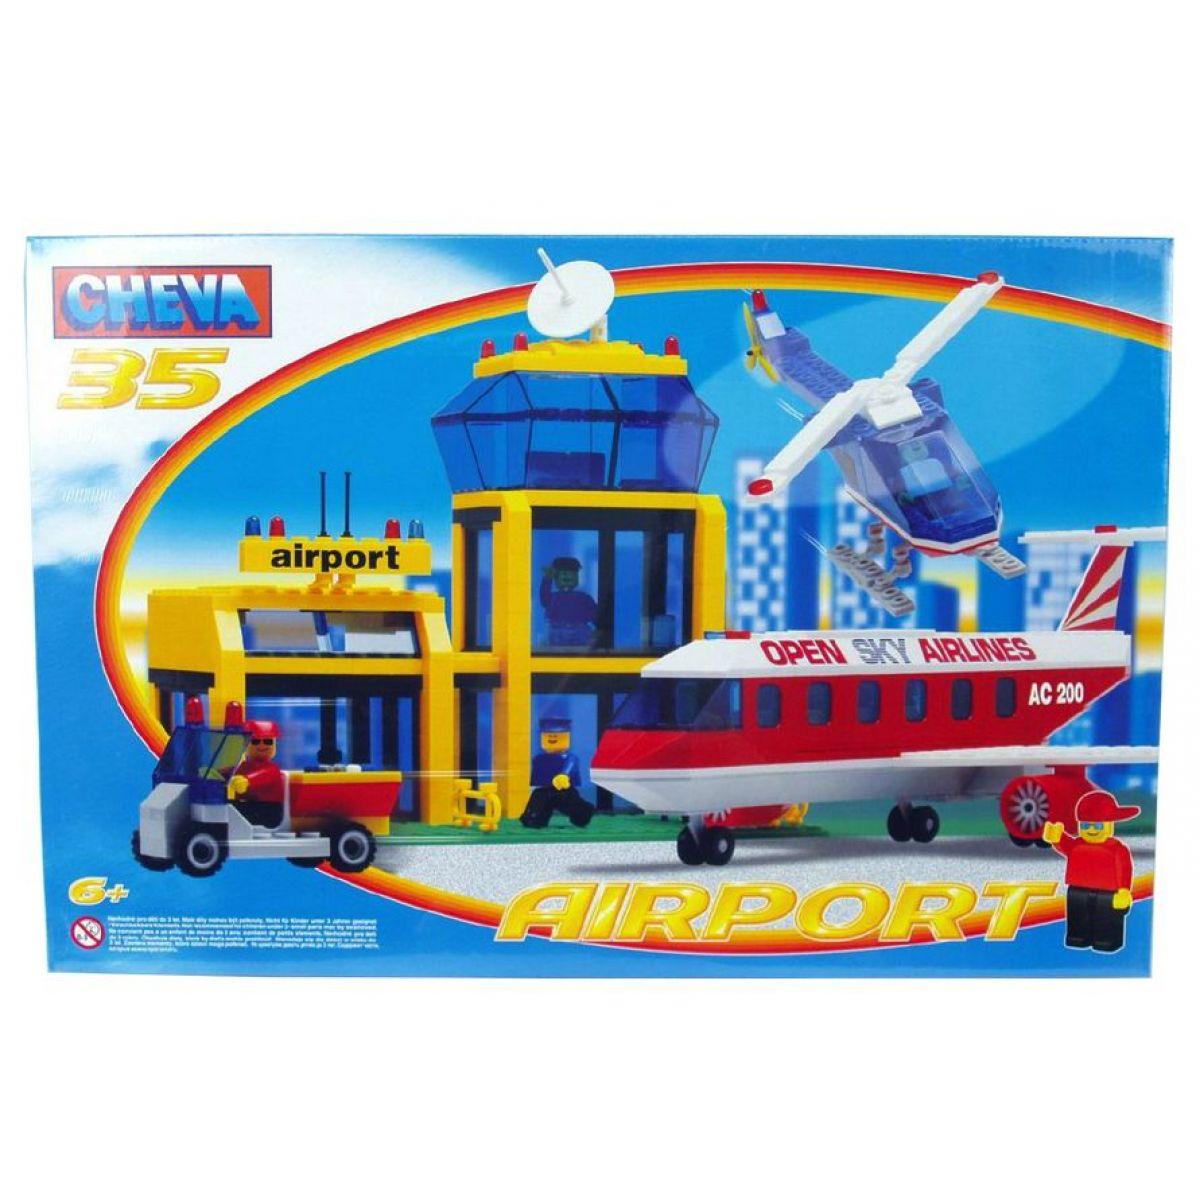 Cheva 35 Letiště - 438 ks